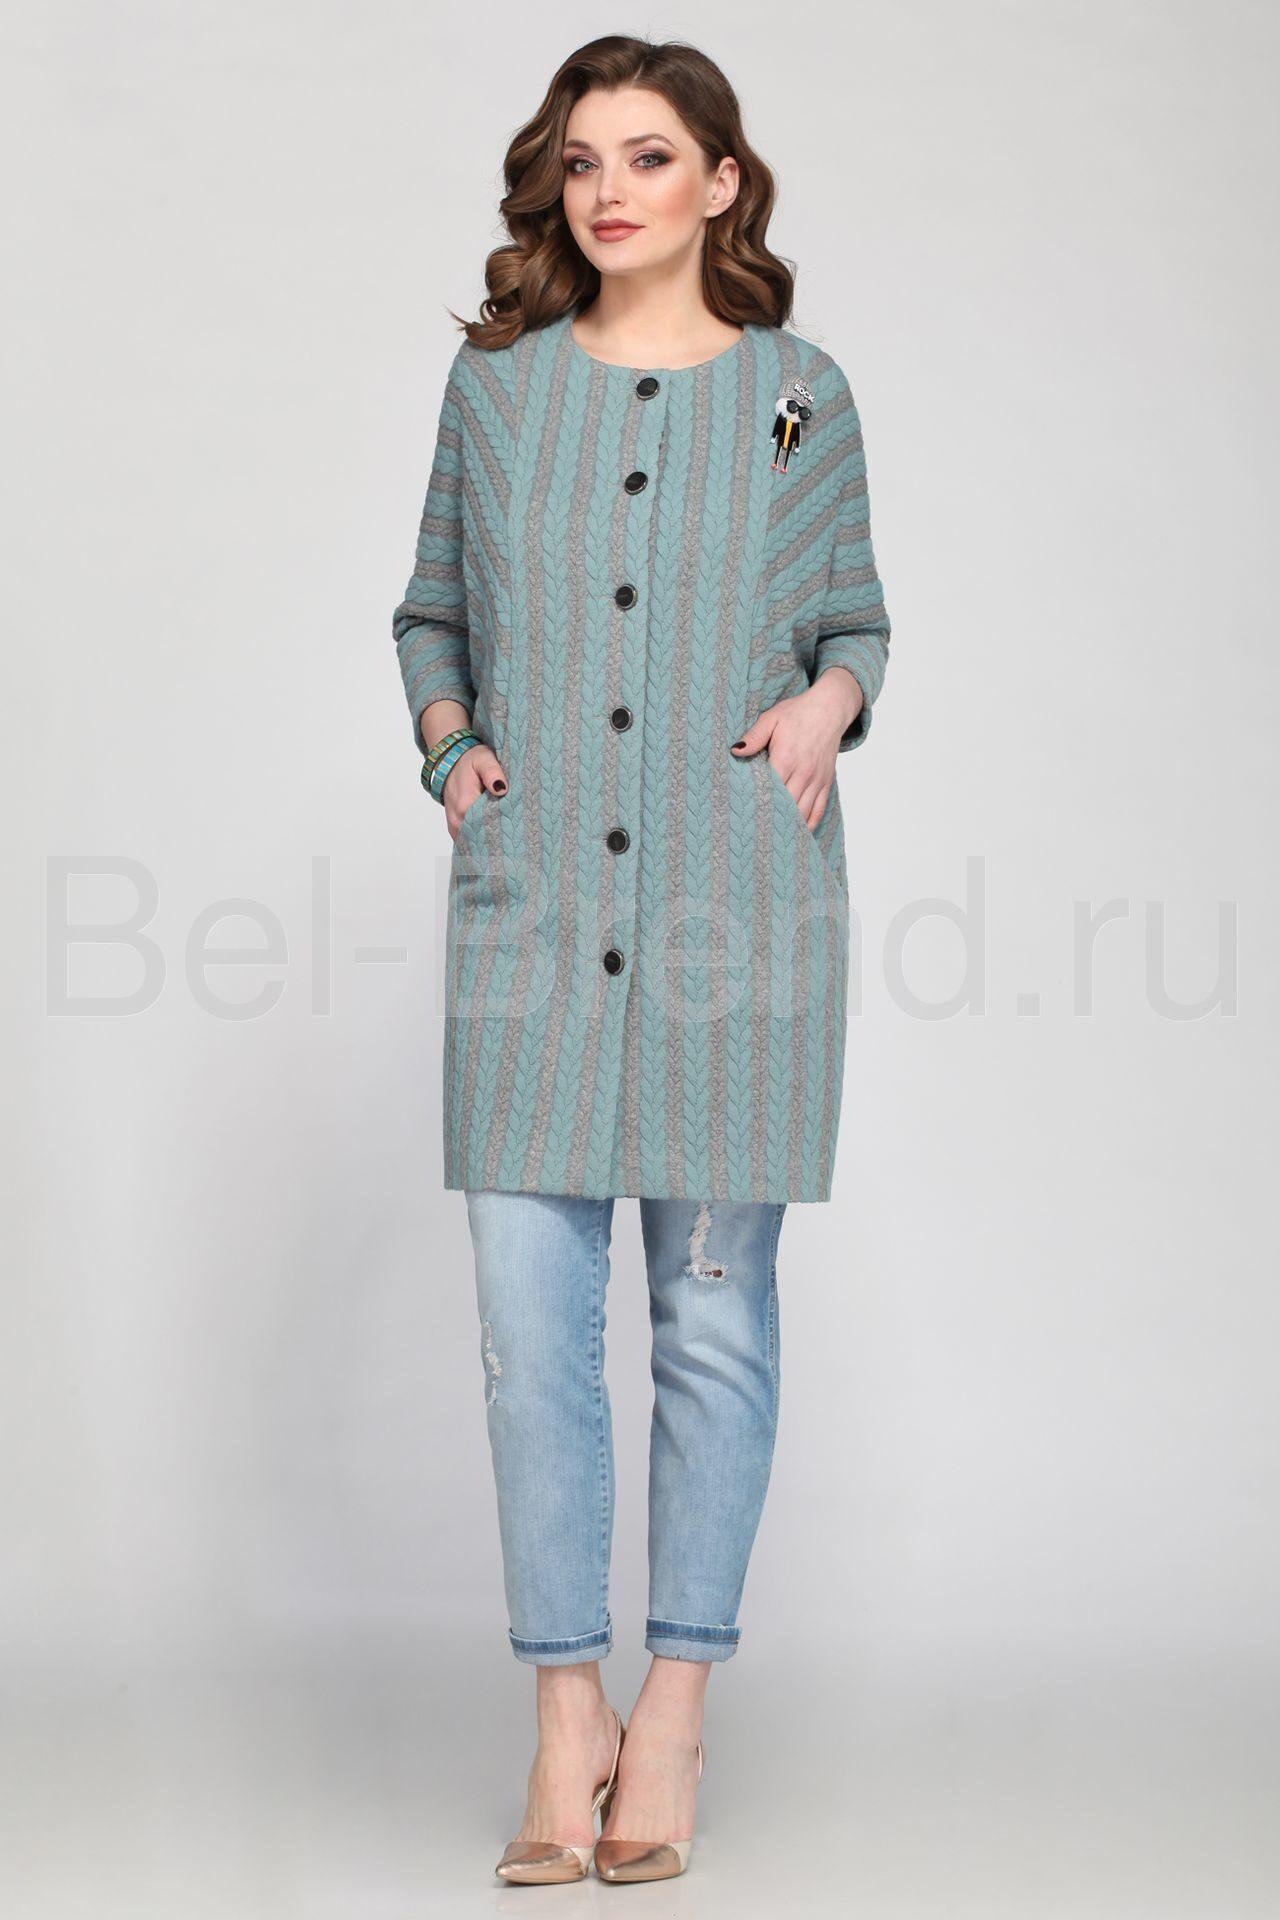 44901e21a0a6 Белорусский трикотаж интернет магазин. Белорусская одежда интернет магазин  с бесплатной доставкой по всей России. Трикотаж беларусь от производителя.